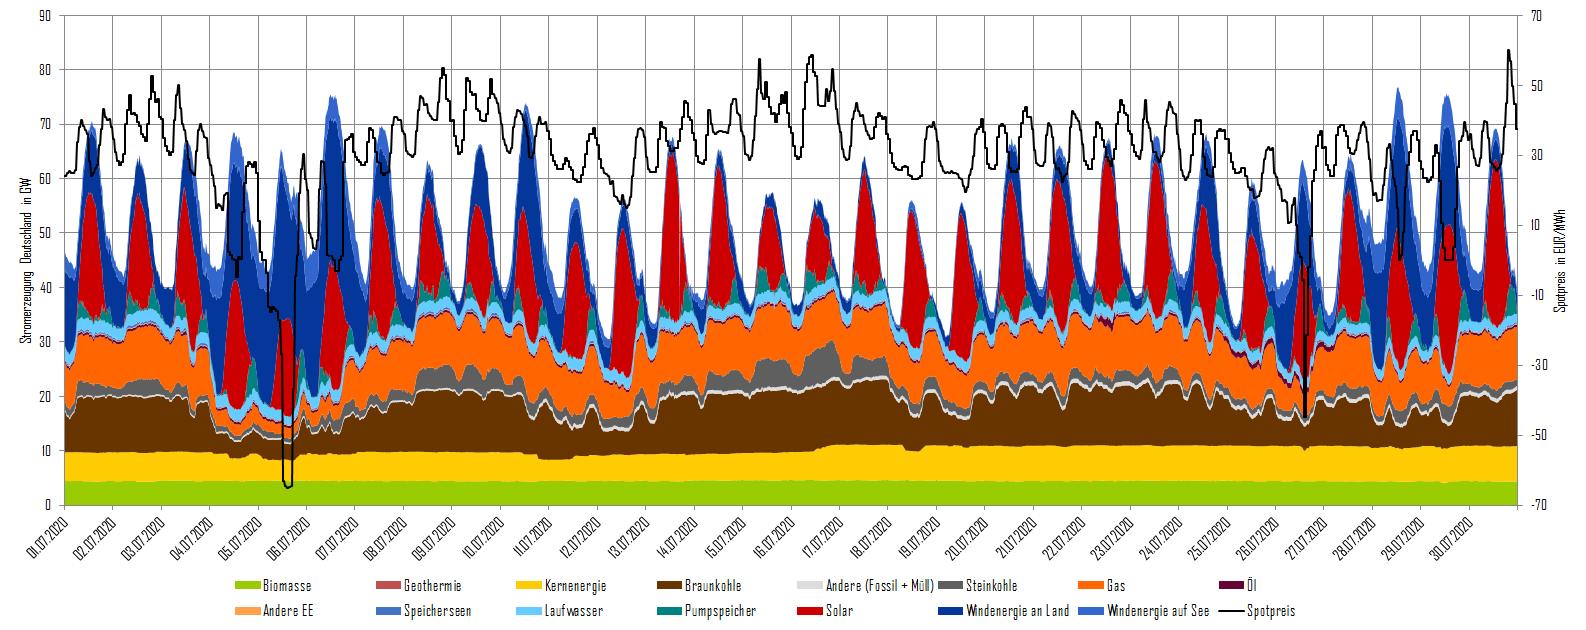 Stromerzeugung und Day-Ahead-Preise im Juli 2020 in Deutschland (Quelle: Energy Brainpool)